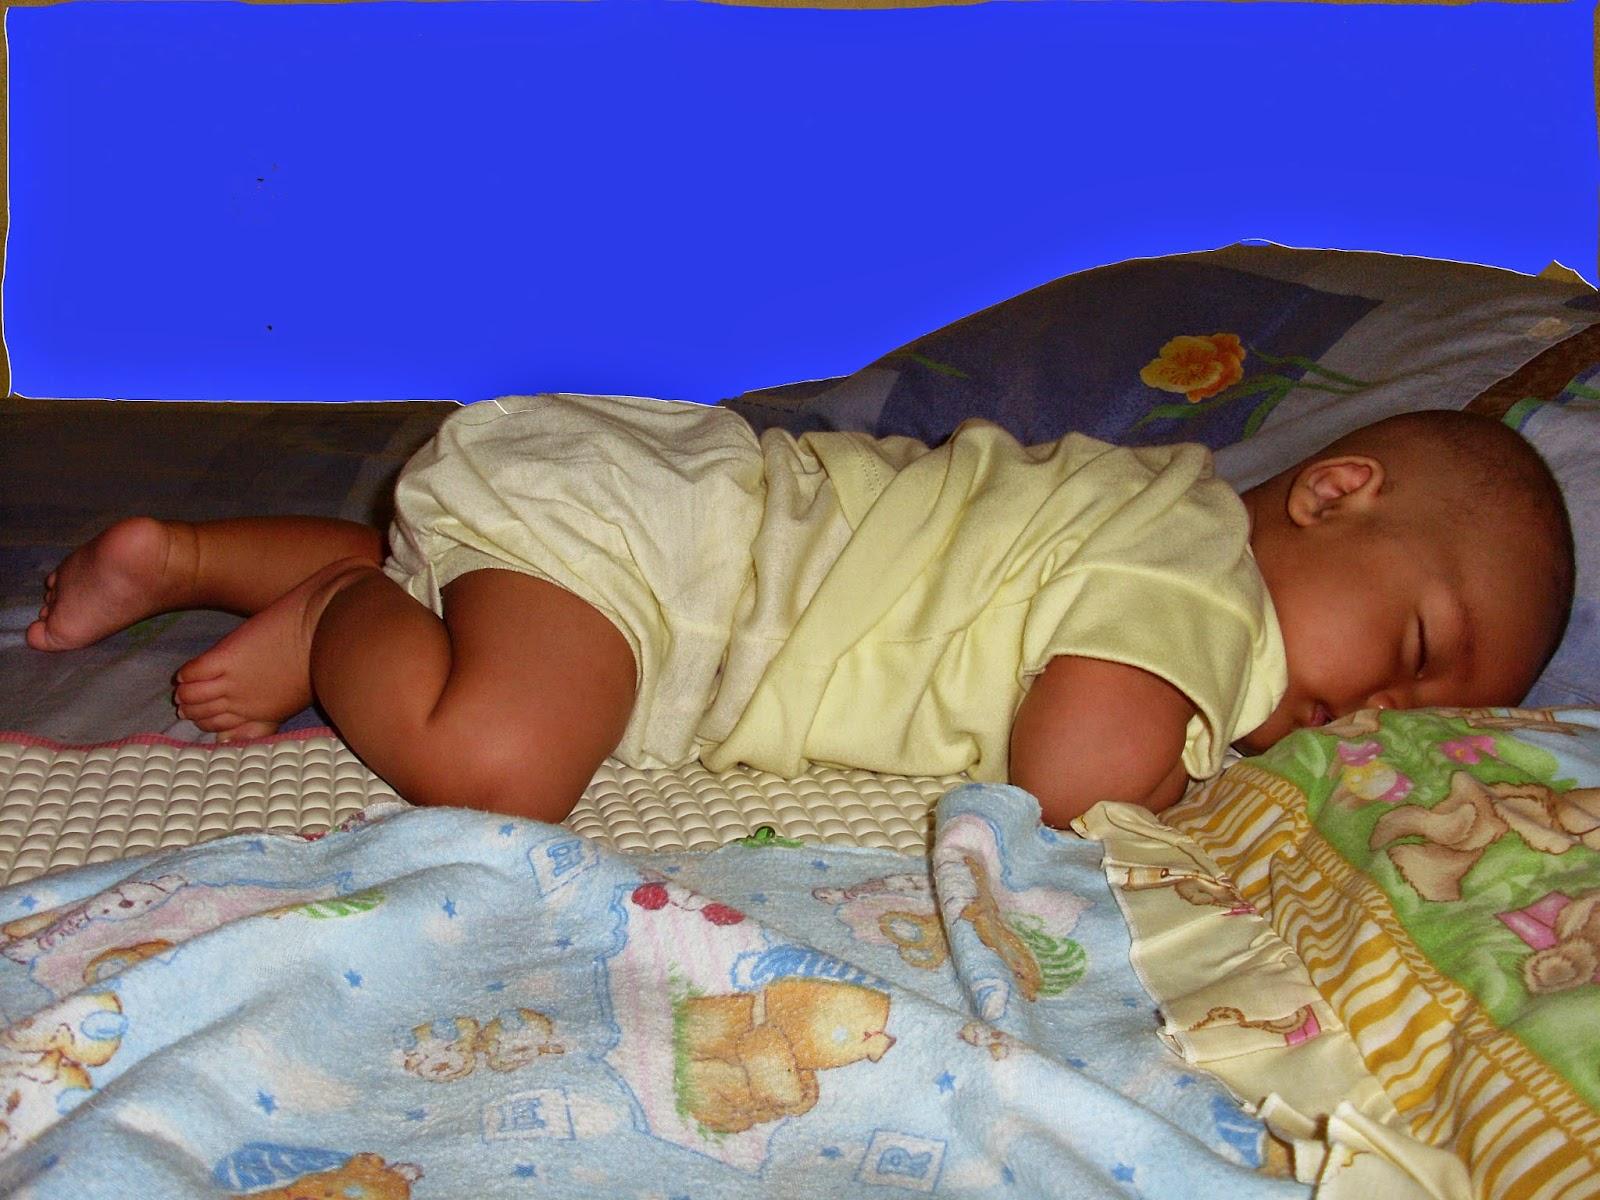 Koleksi Foto Lucu Bayi Tidur  Kantor Meme